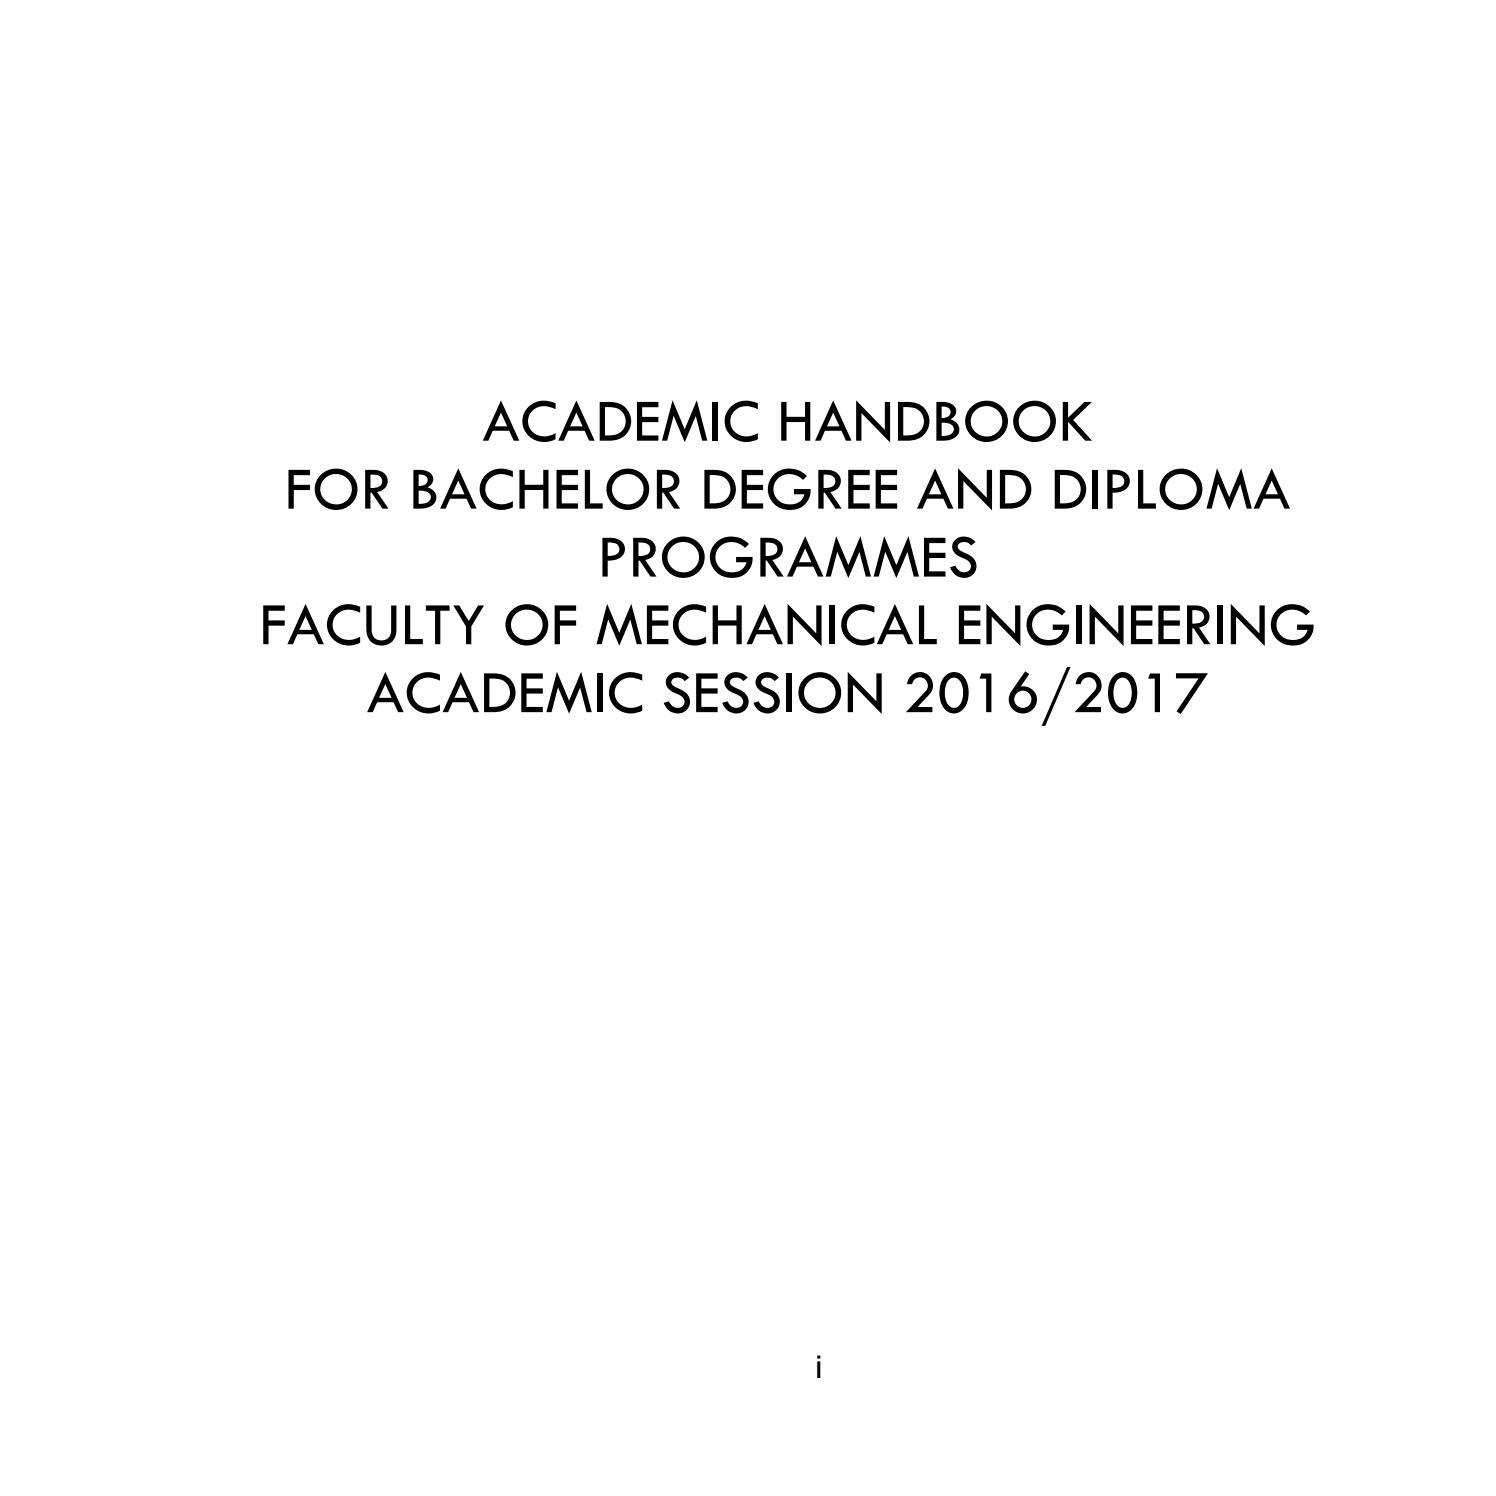 FKM Academic Handbook 2016/2017 by obeywans - issuu